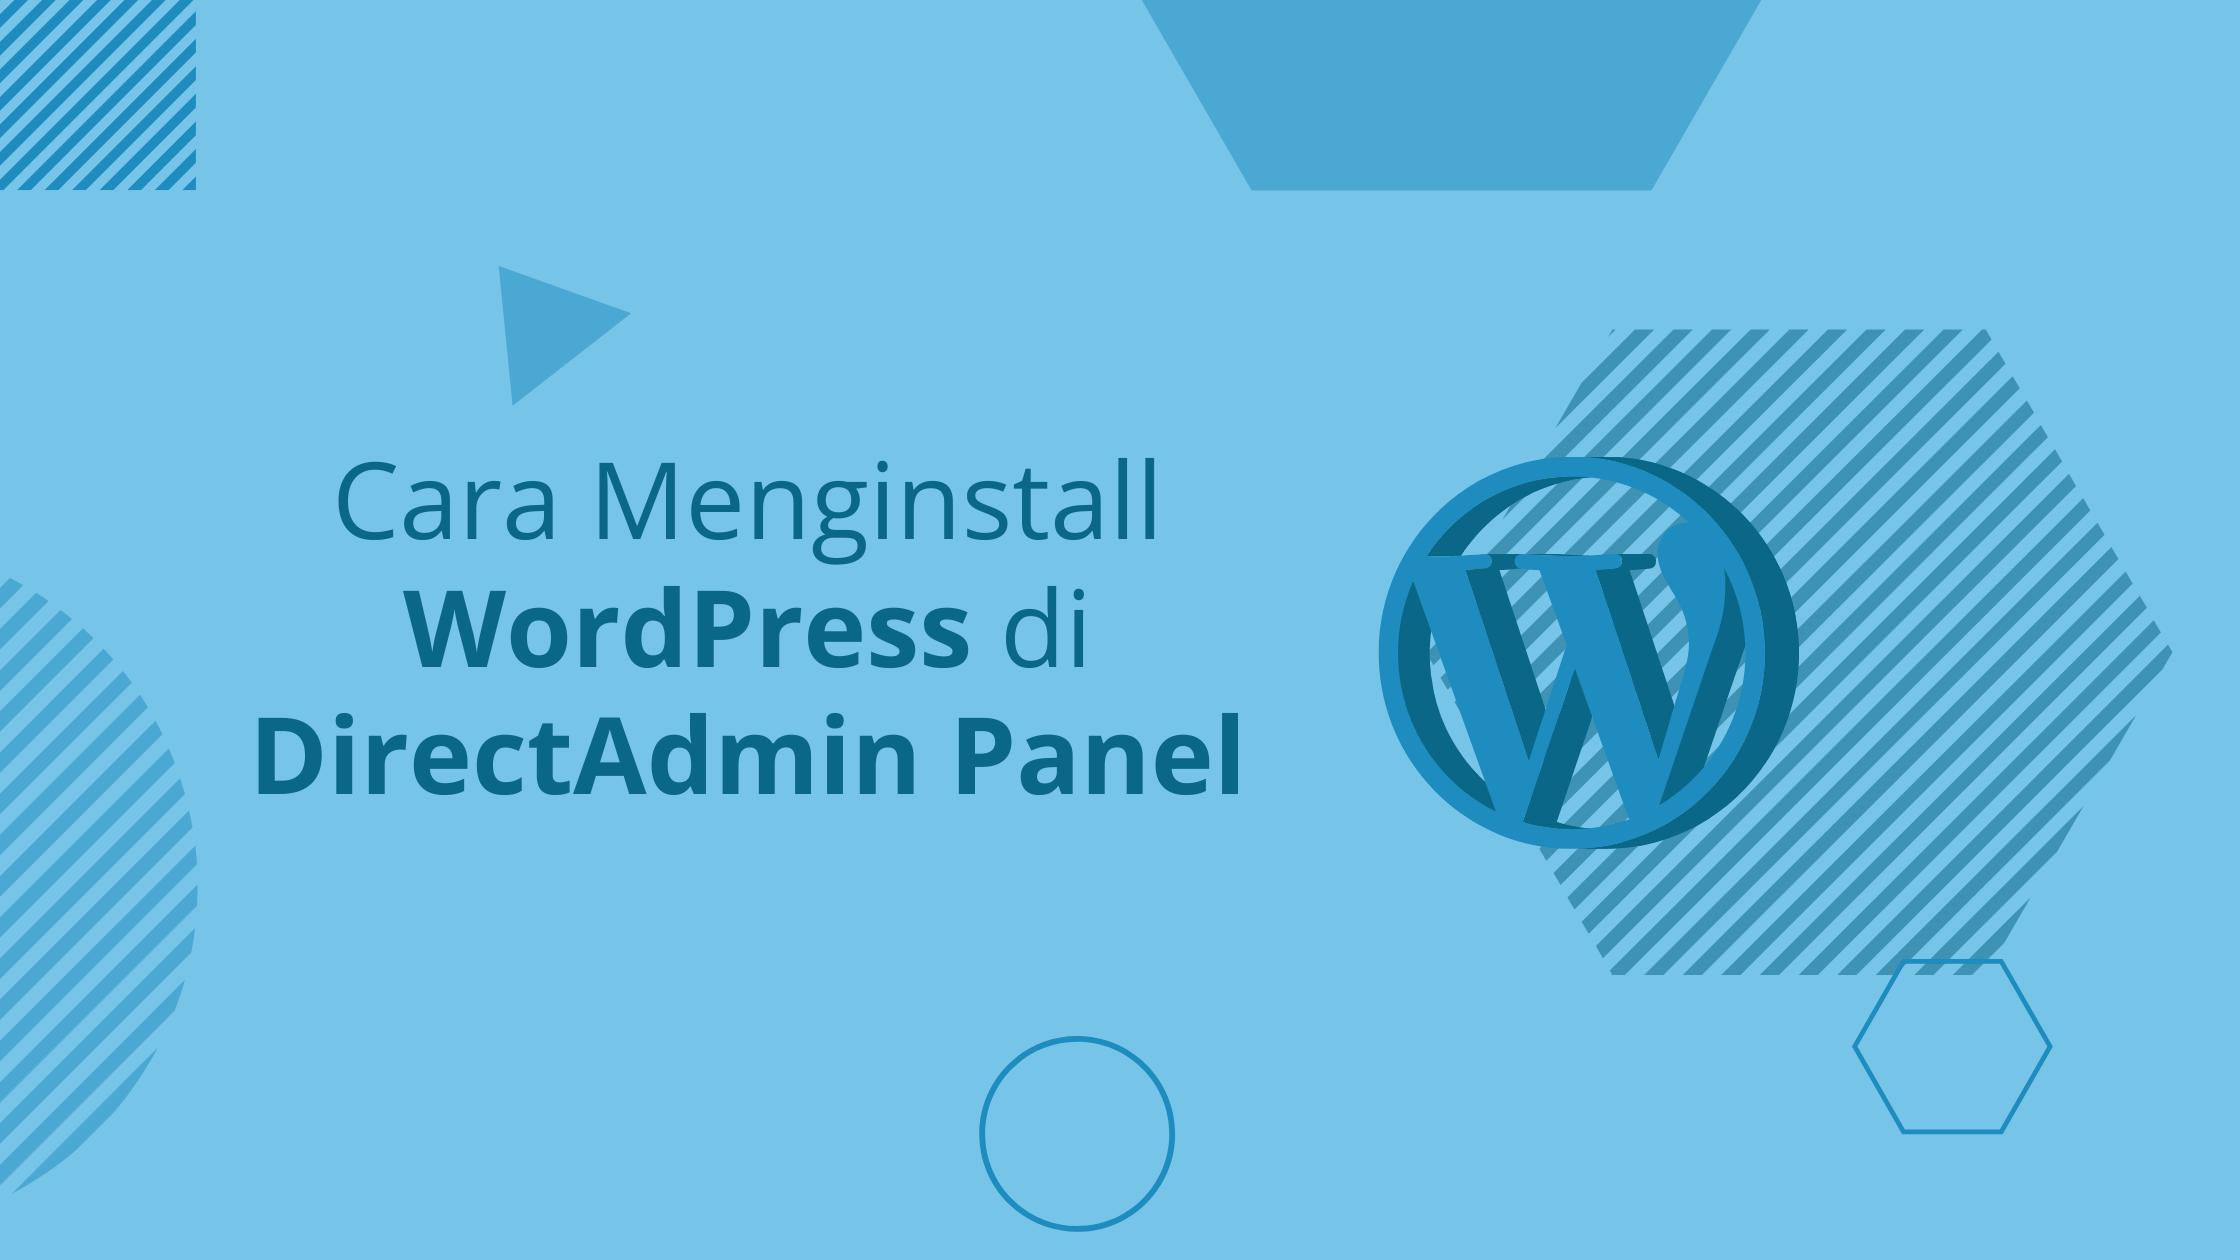 Cara Menginstall WordPress di DirectAdmin